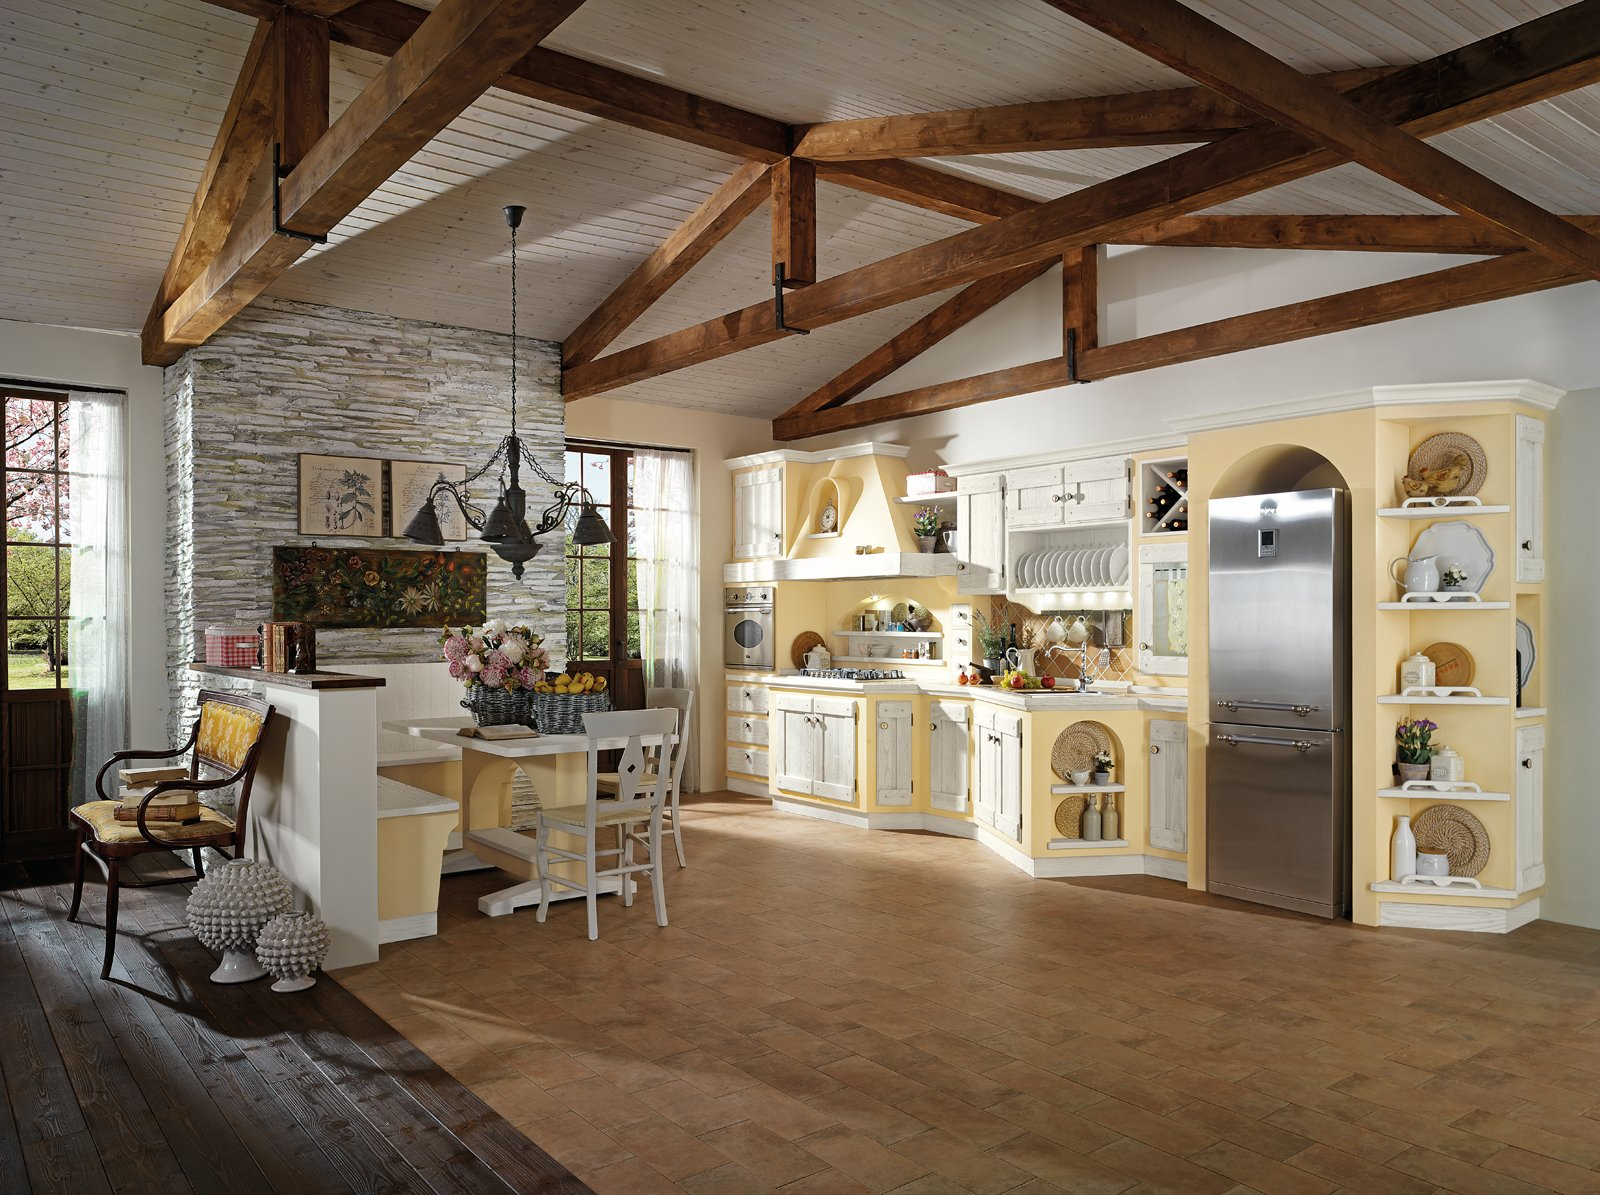 Amazing good imita la muratura ma finita con vernice al - Vernice lavabile cucina ...